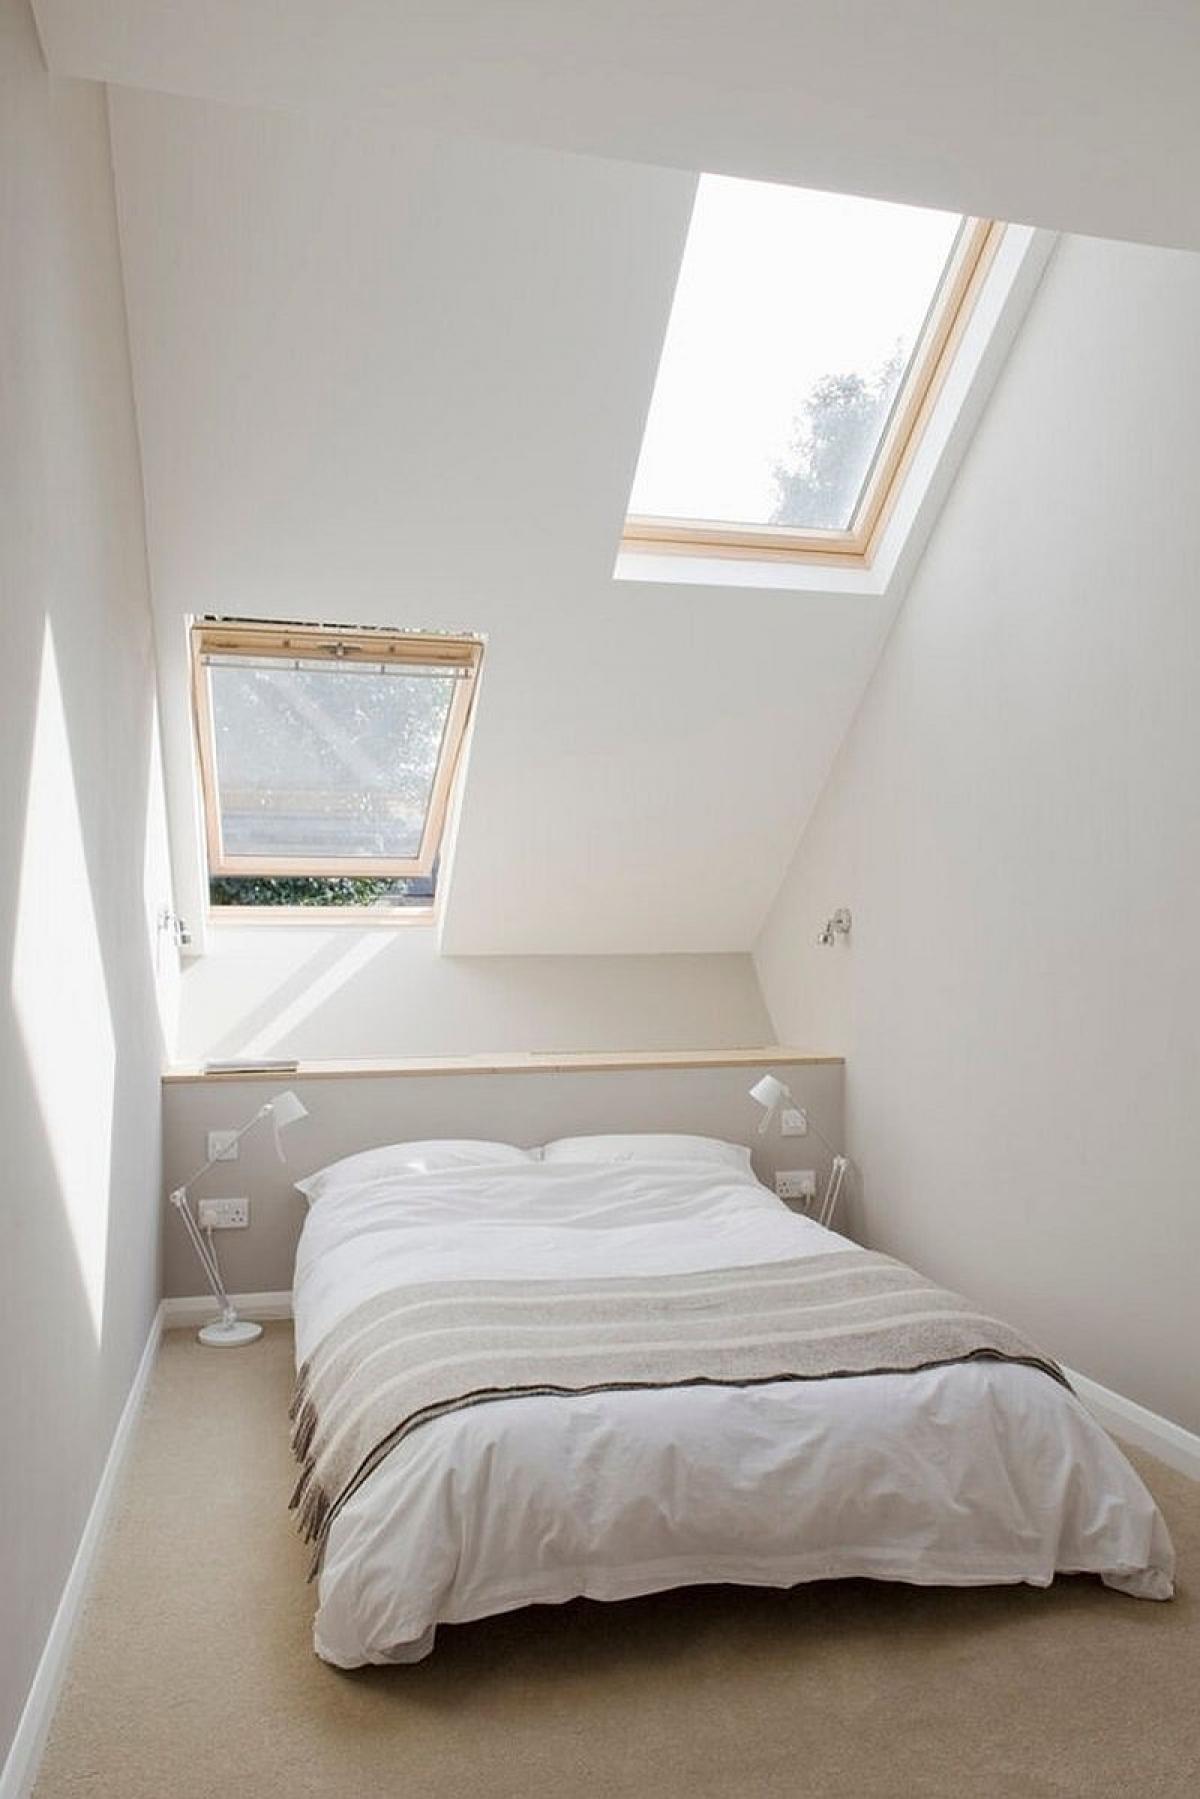 Phòng ngủ là một không gian đáng mơ ước với tông màu trắng cùng trần nghiêng./.